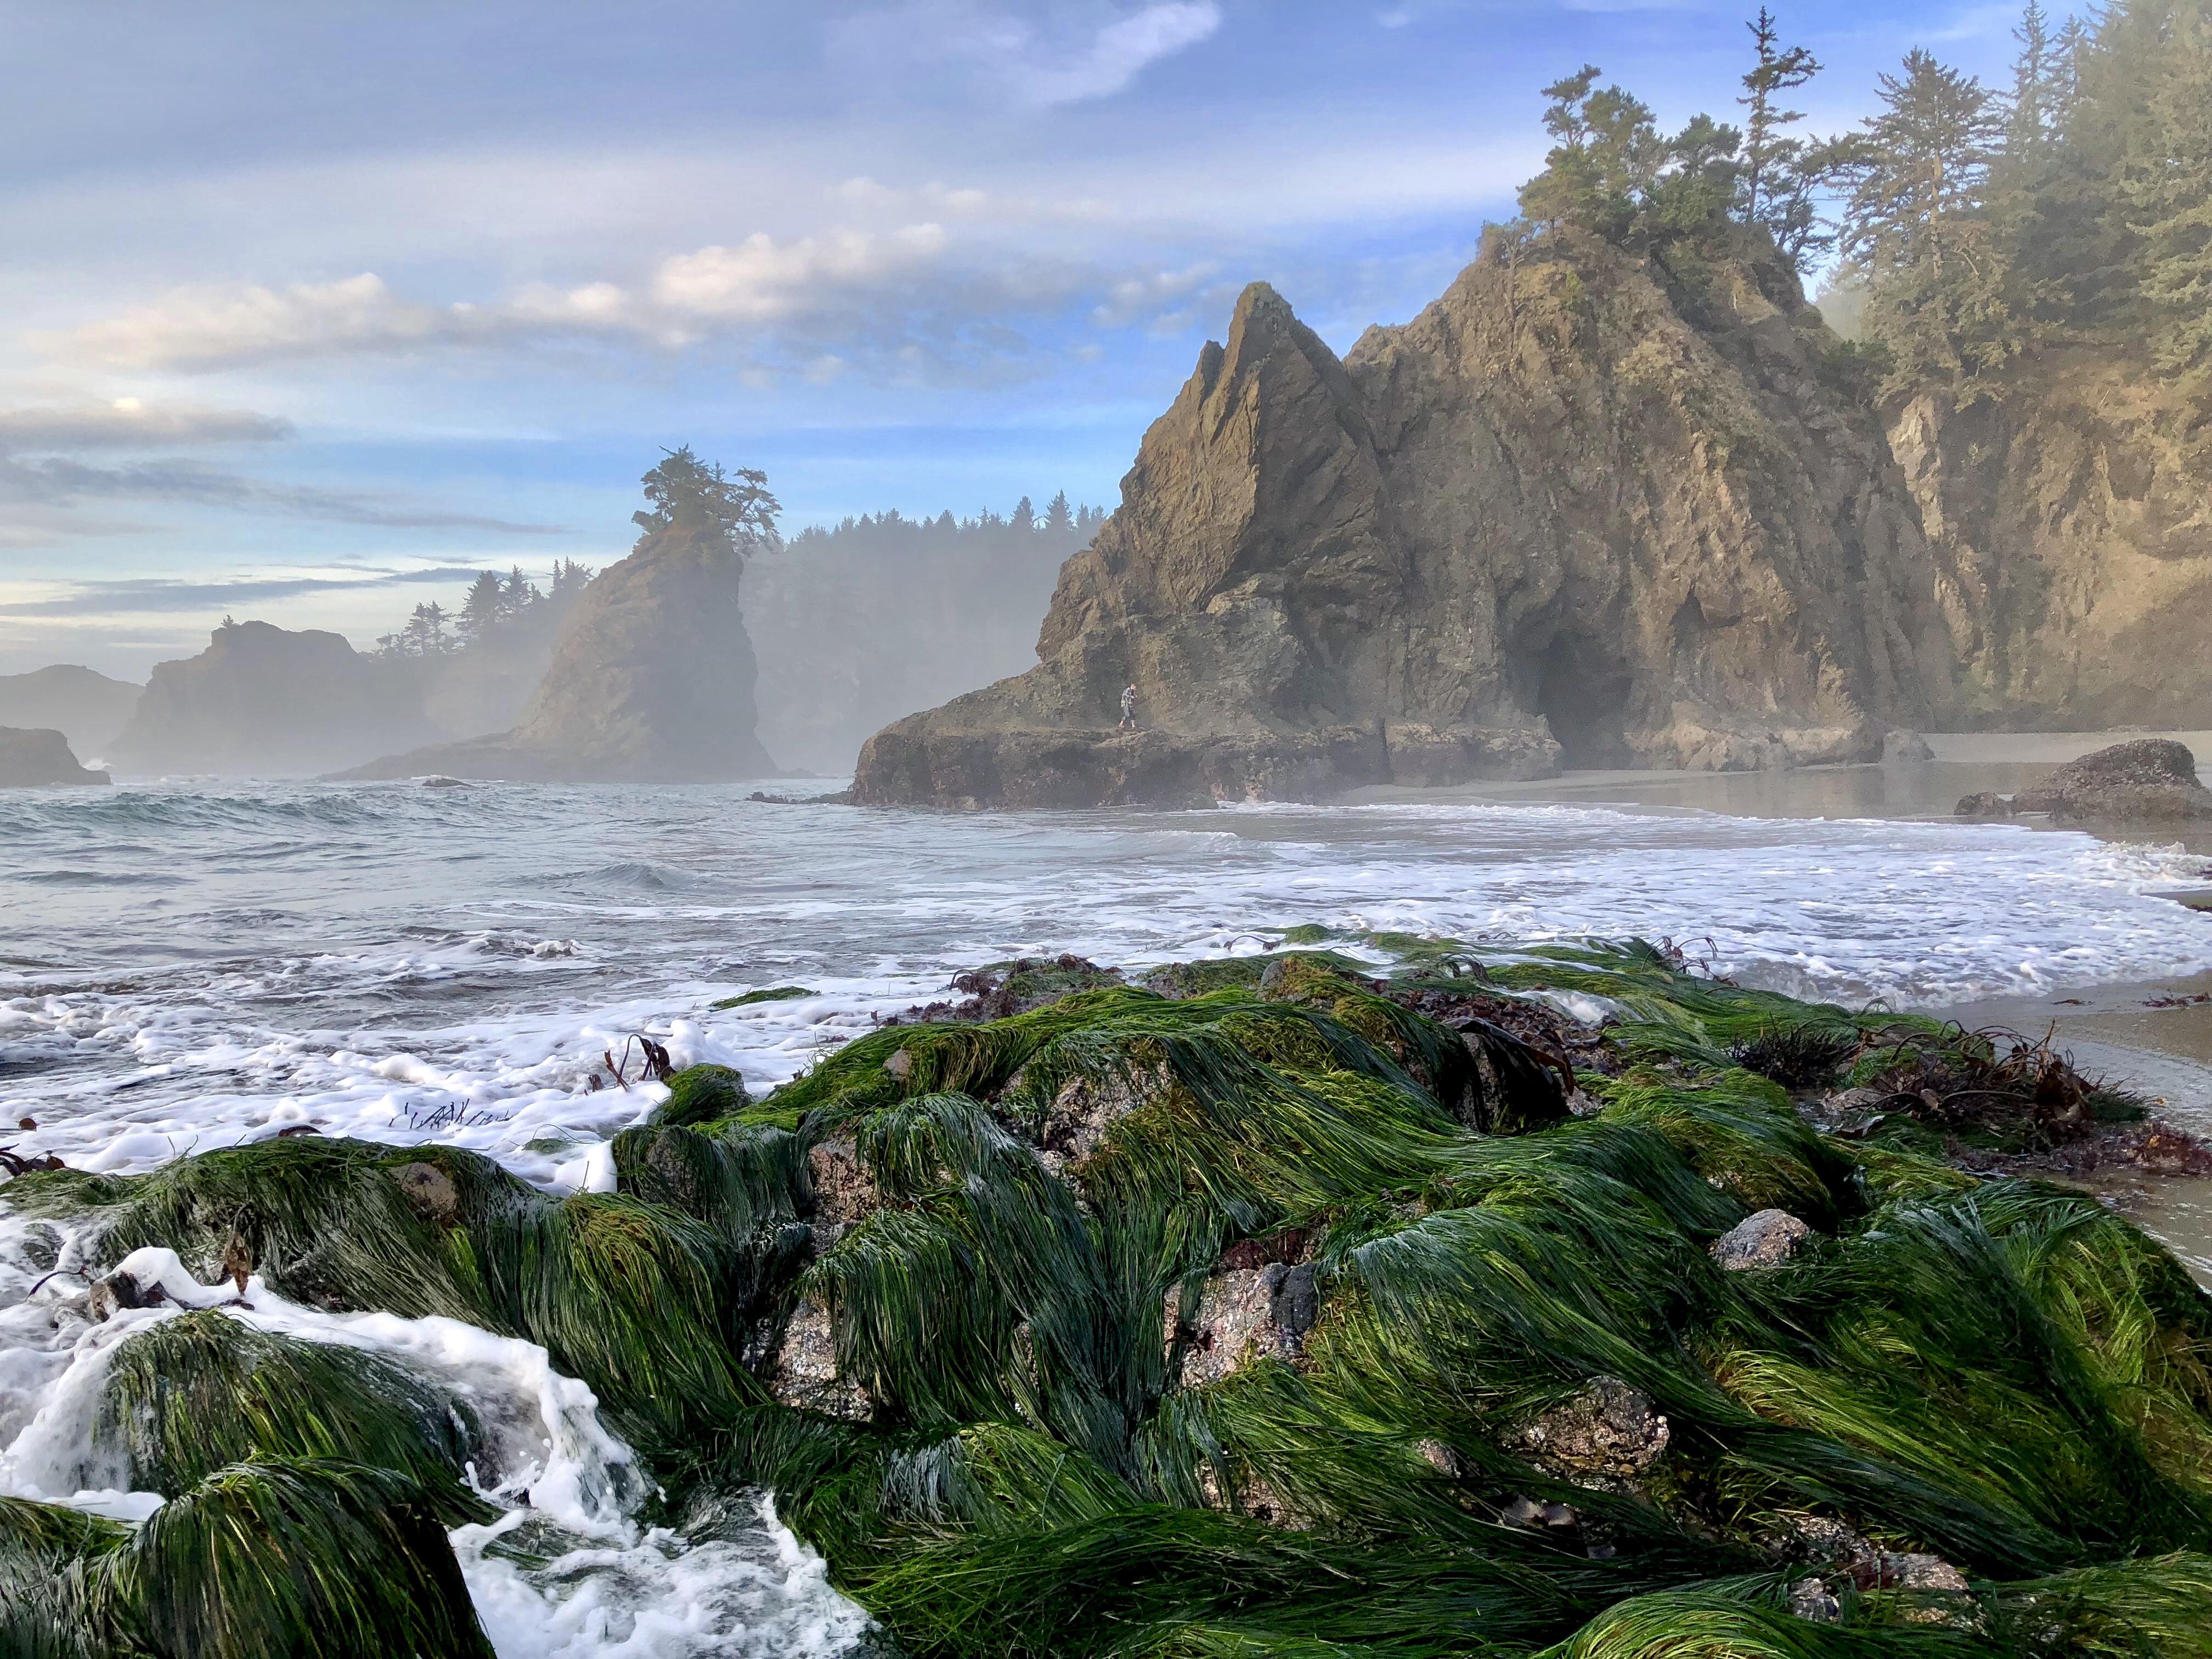 Waters churn on a rugged coastline.